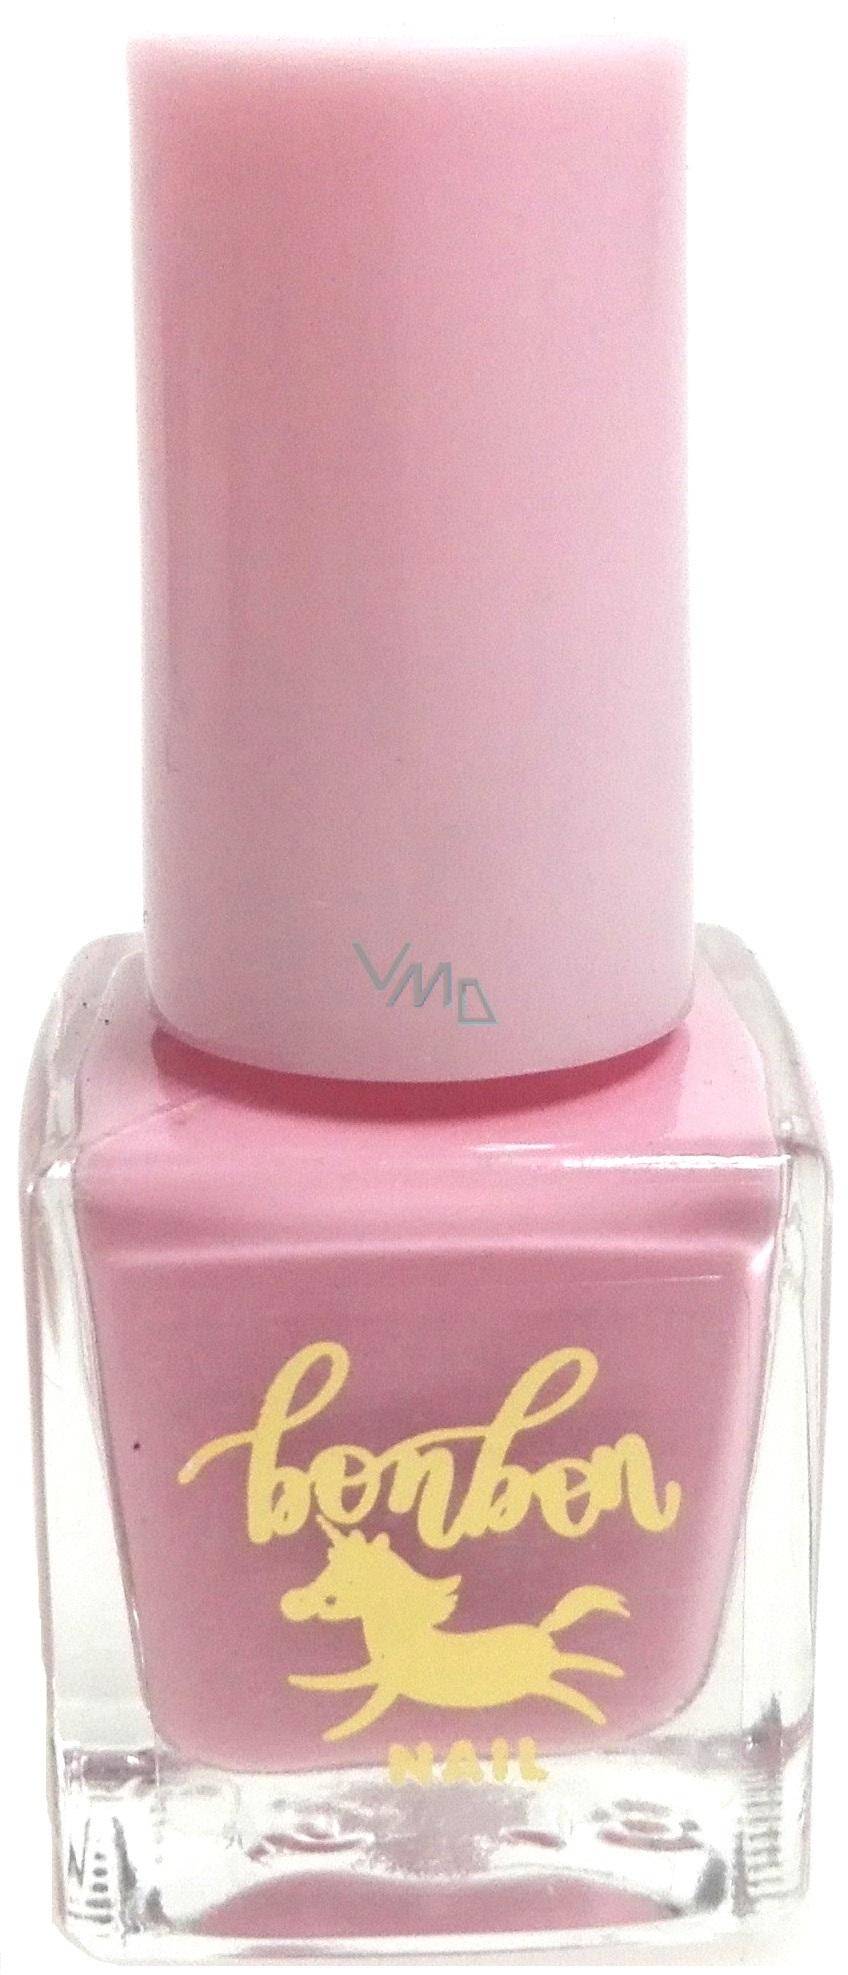 Dor Cosmetics Bonbon Na Vodni Bazi Lak Na Nehty Pro Deti 01 Ruzovy 5 Ml Vmd Drogerie A Parfumerie